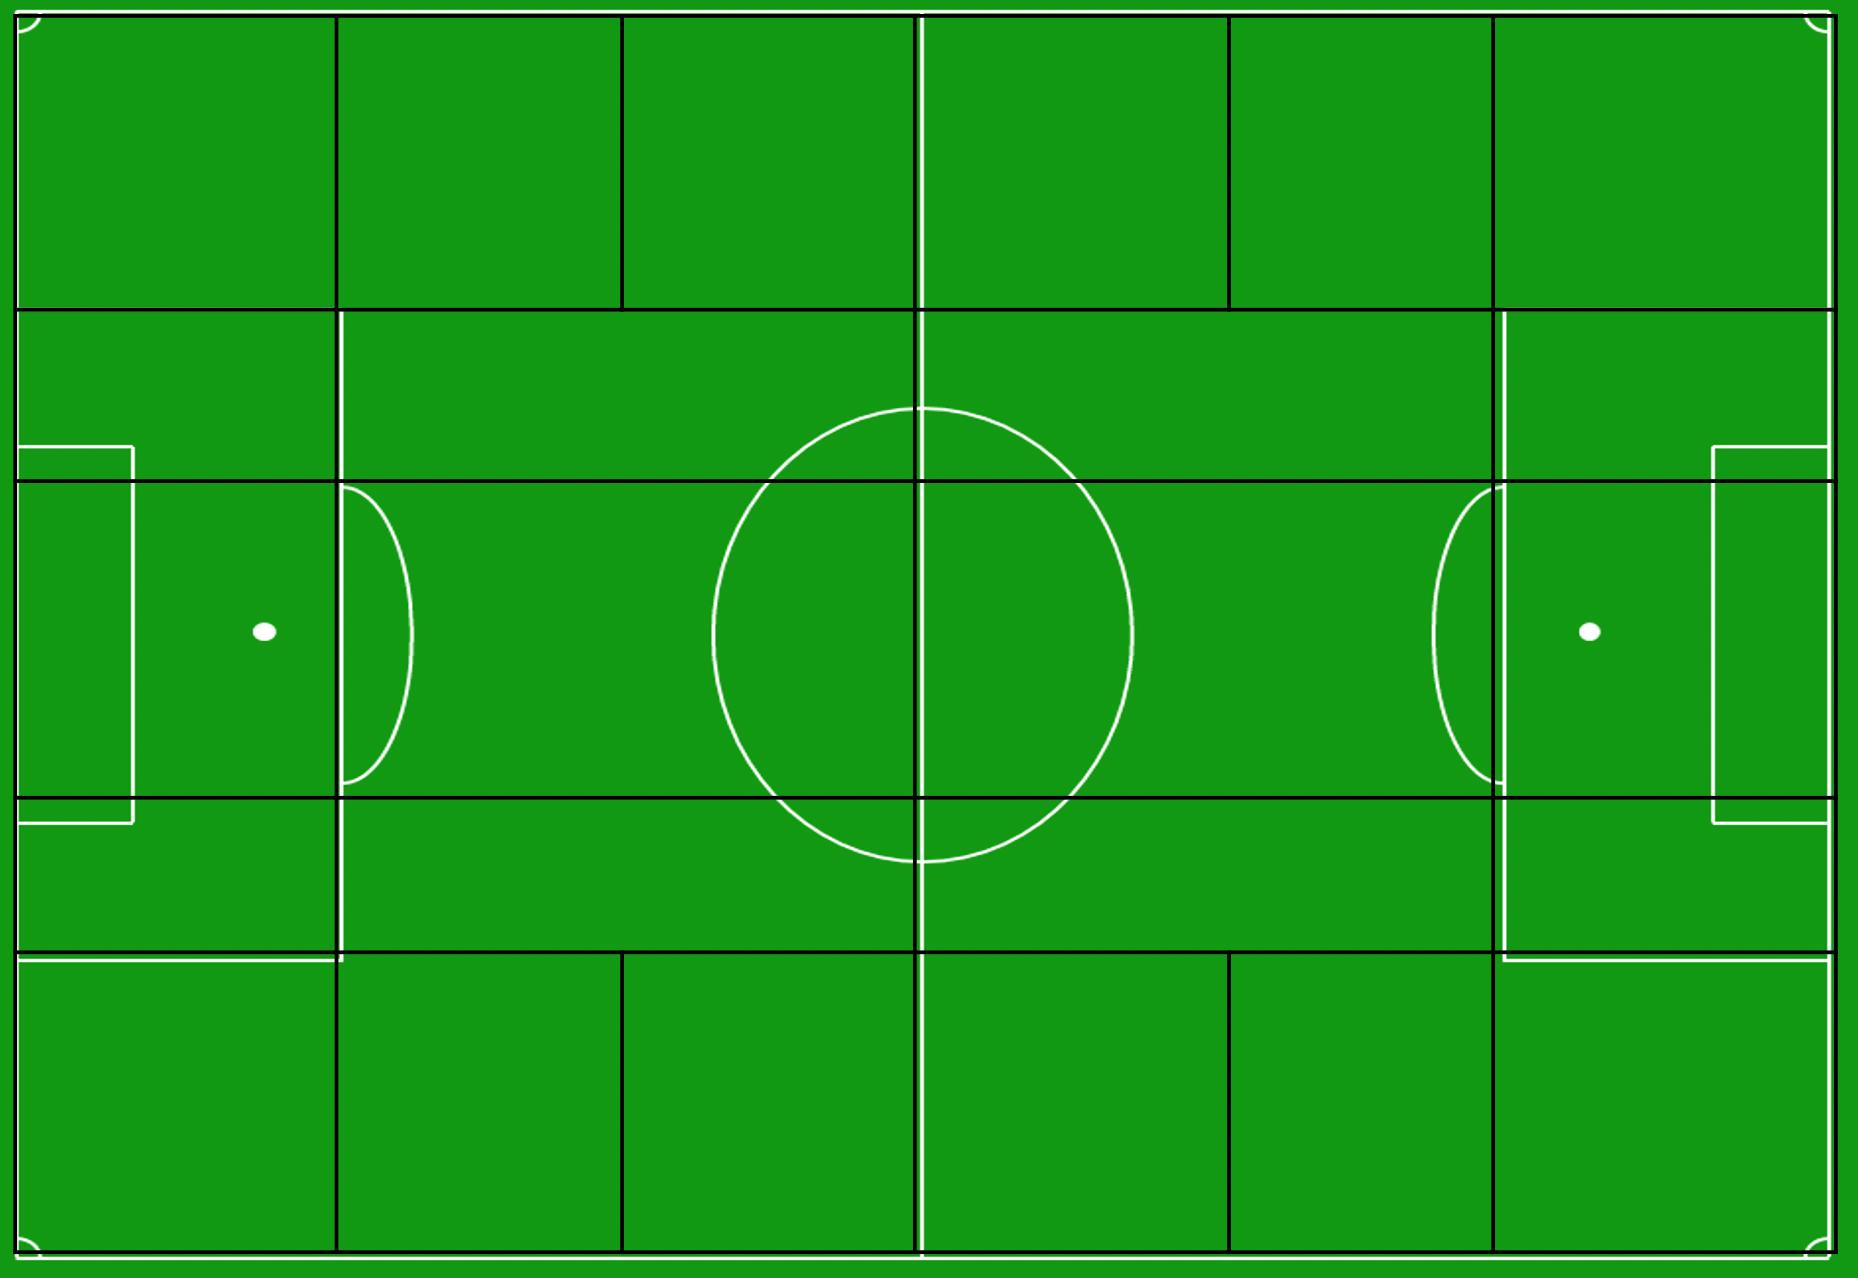 Een voetbalveld onderverdeeld in zones zoals Guardiola en Klopp het zien., Redactie